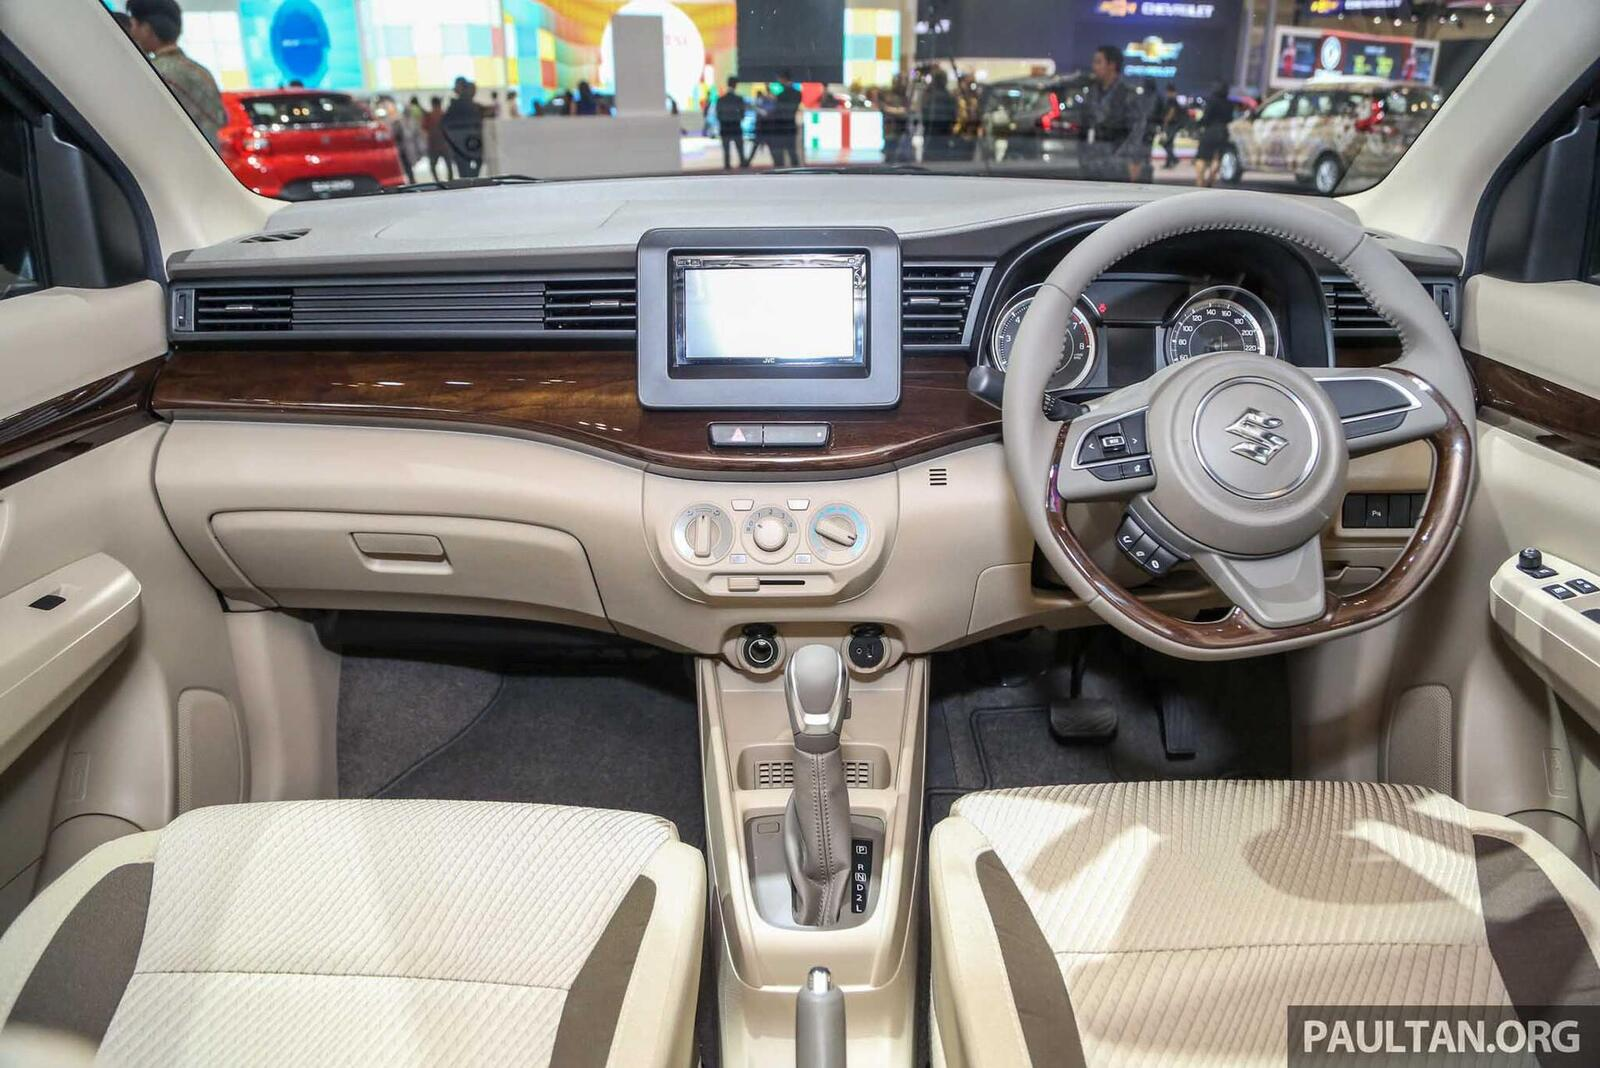 Suzuki Ertiga thế hệ mới có giá từ 486 triệu đồng tại Thái Lan; chưa hẹn ngày về Việt Nam - Hình 6